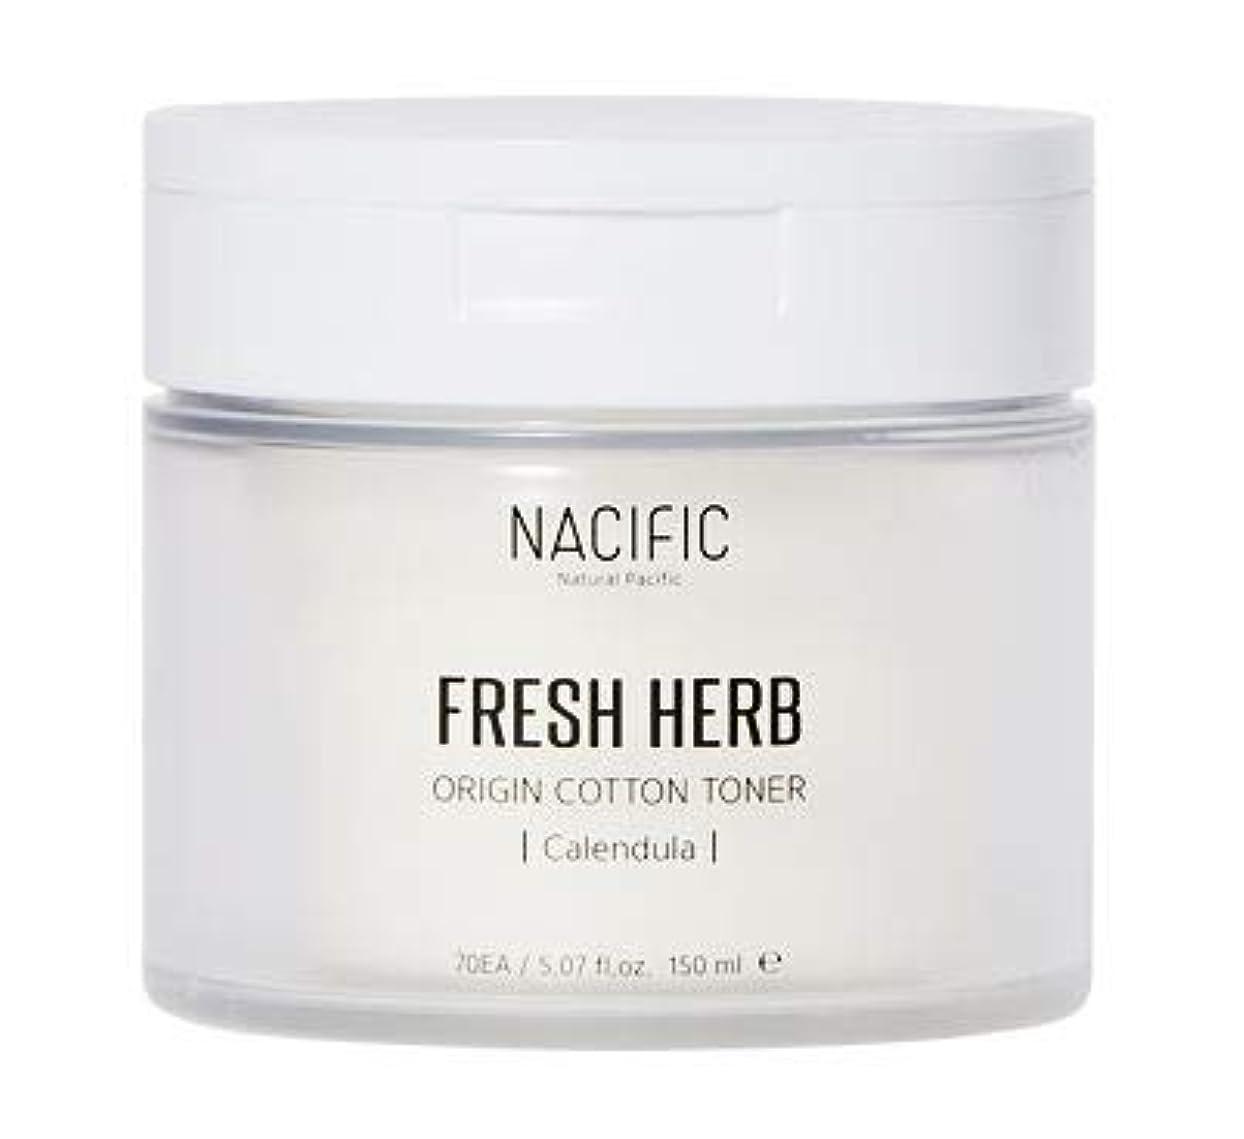 ジョージスティーブンソン飢えた病者[Nacific] Fresh Herb Origin Cotton Toner 150ml (Calendula) /[ナシフィック] フレッシュ ハーブ オリジン コットン トナー (カレンデュラ)150ml [並行輸入品]